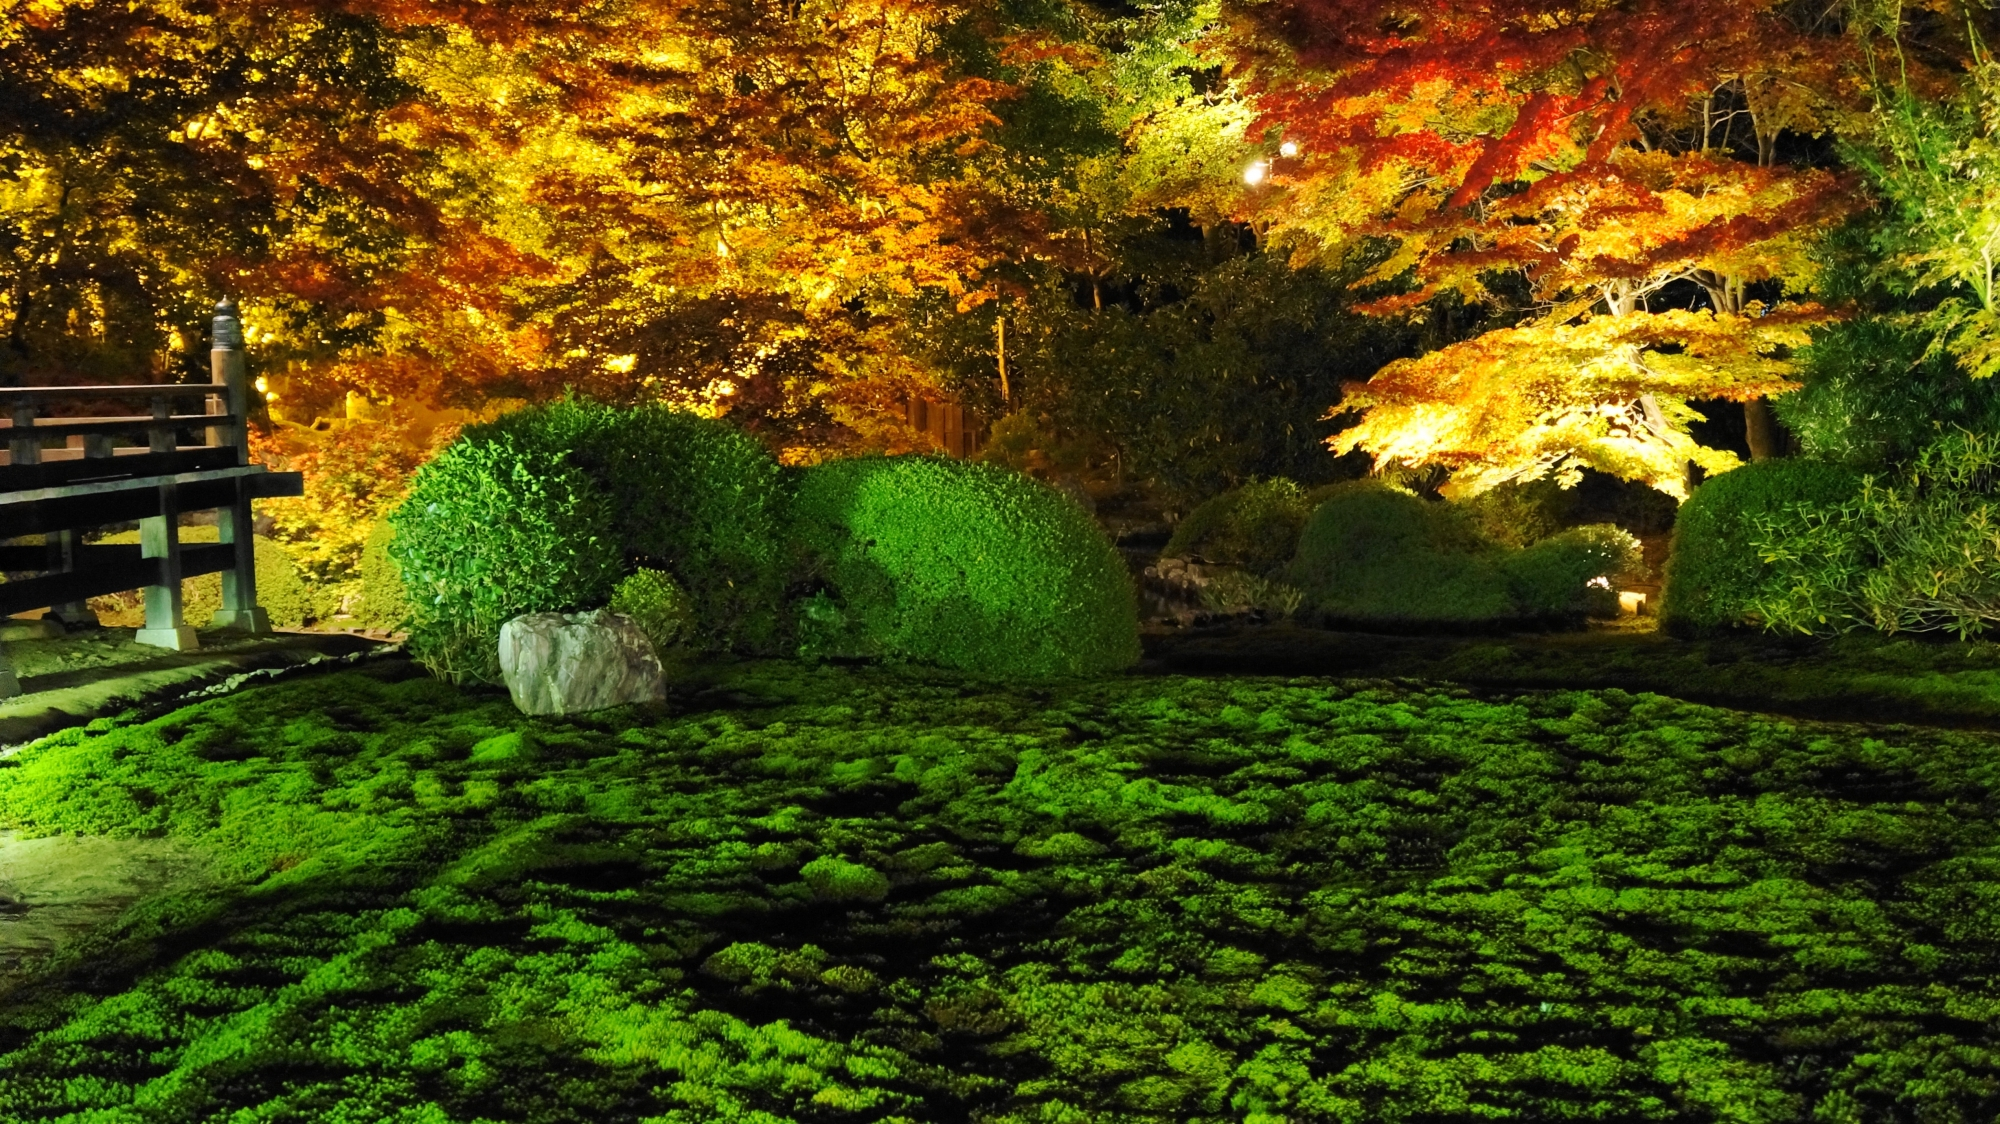 緑の苔と刈り込みを彩る艶やかな紅葉